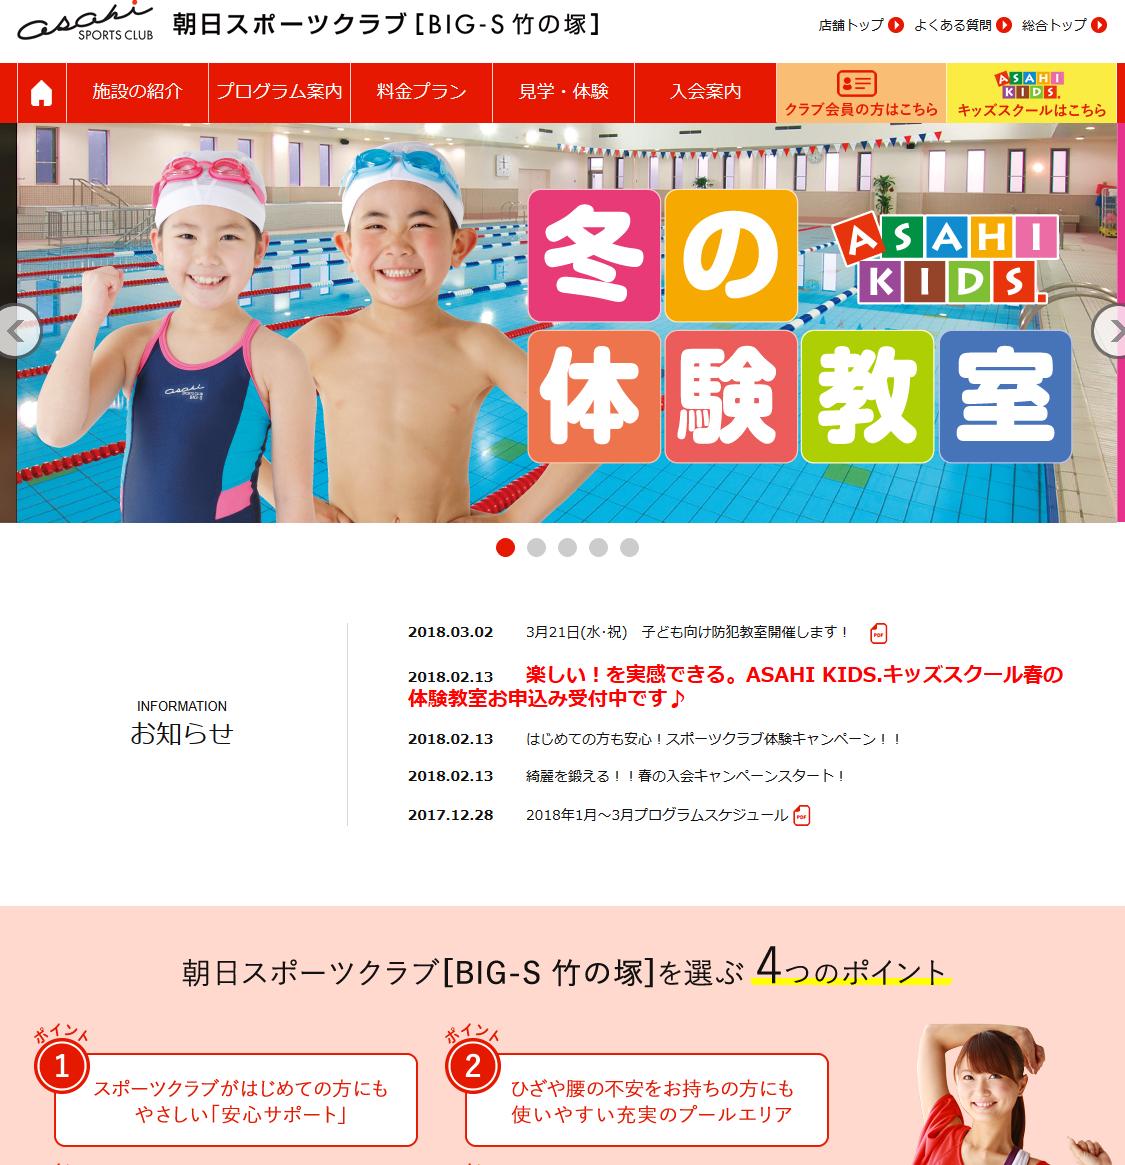 朝日スポーツクラブ竹の塚店キャプチャ